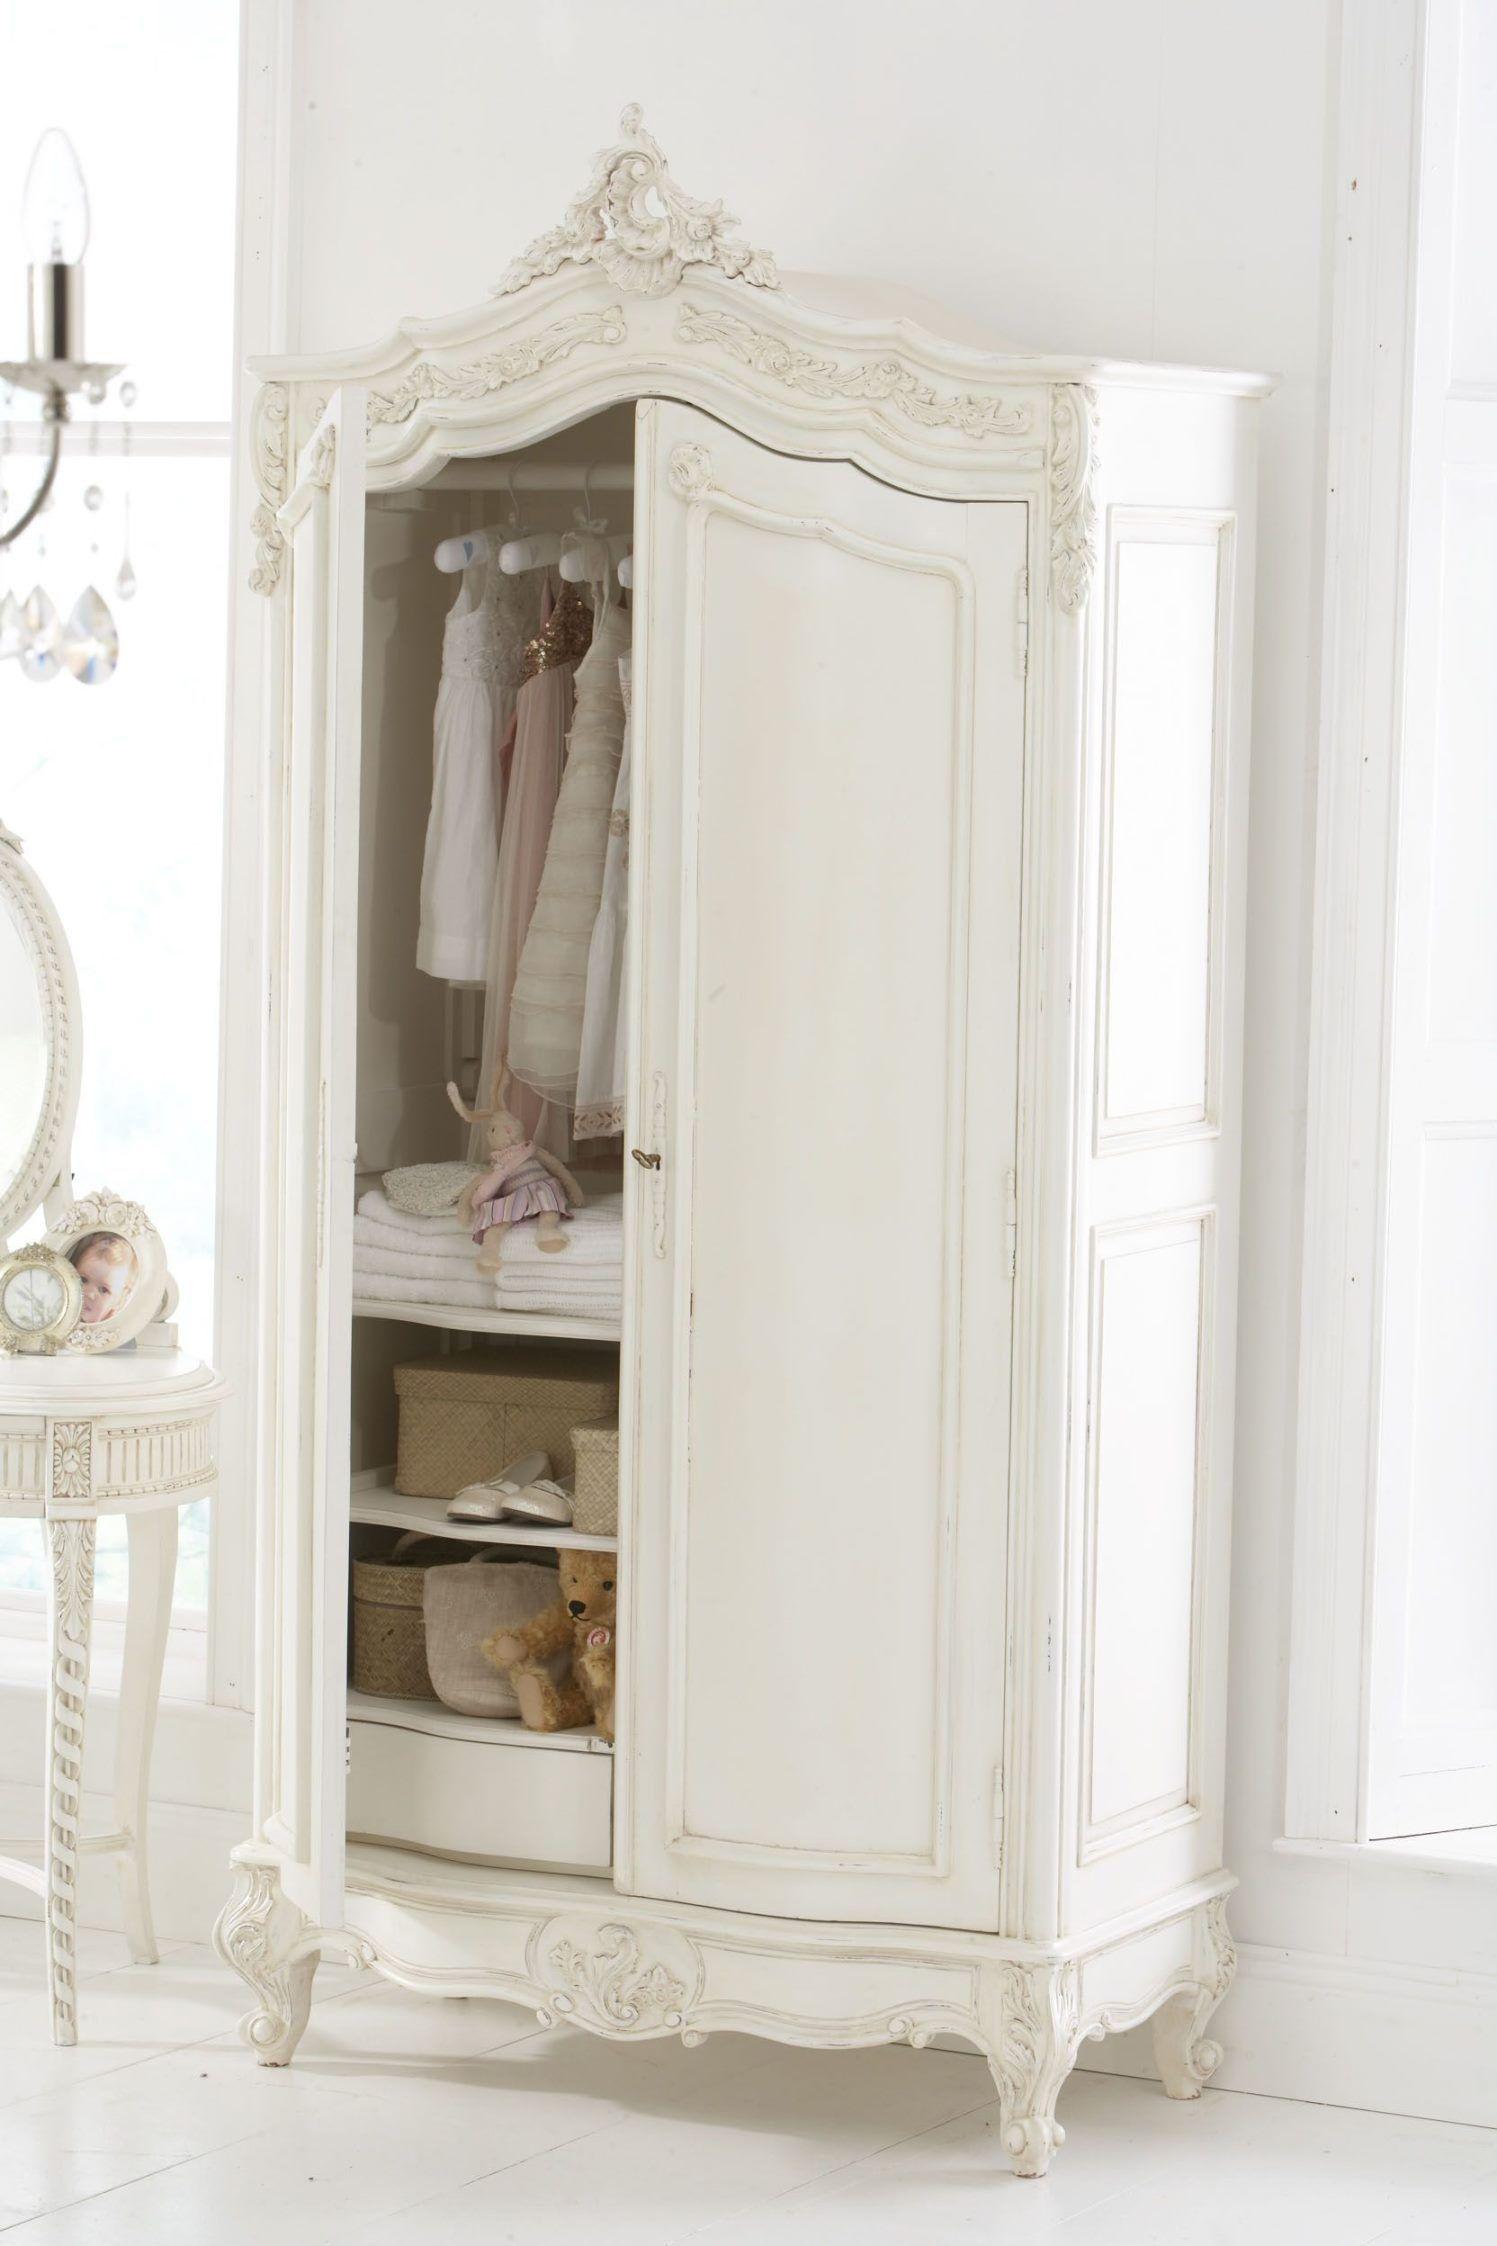 Shabby Chic Magnifique suspension Armoire Bain parfum armoire placard G